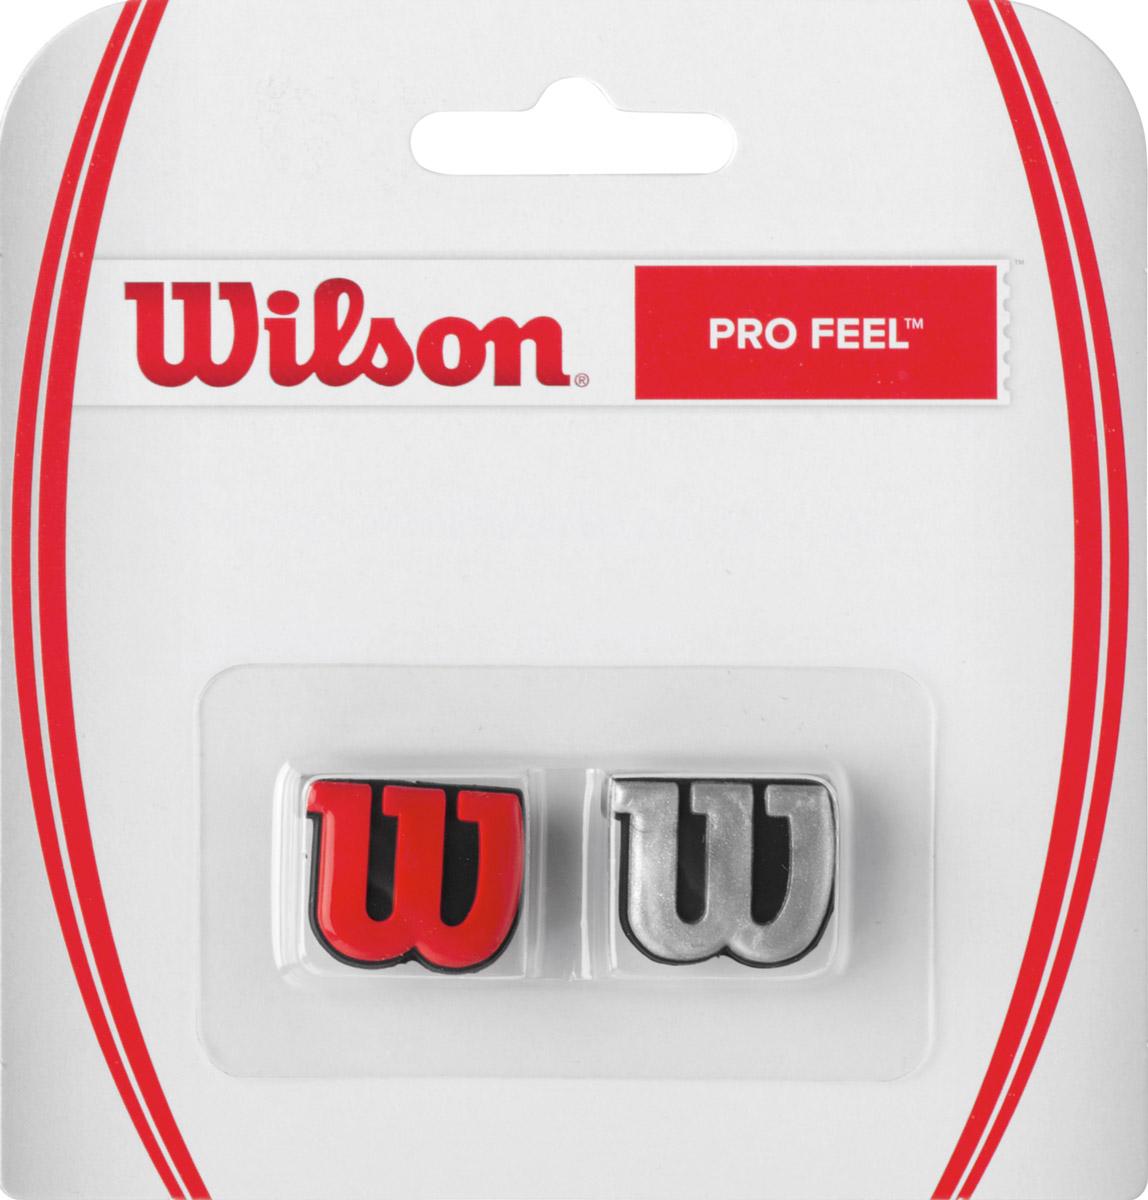 Виброгаситель Wilson Profeel RdsiWRZ537600Классика Wilson. Виброгаситель в форме основного символа бренда W, обеспечивает комфорт и обладает минимальным весом.